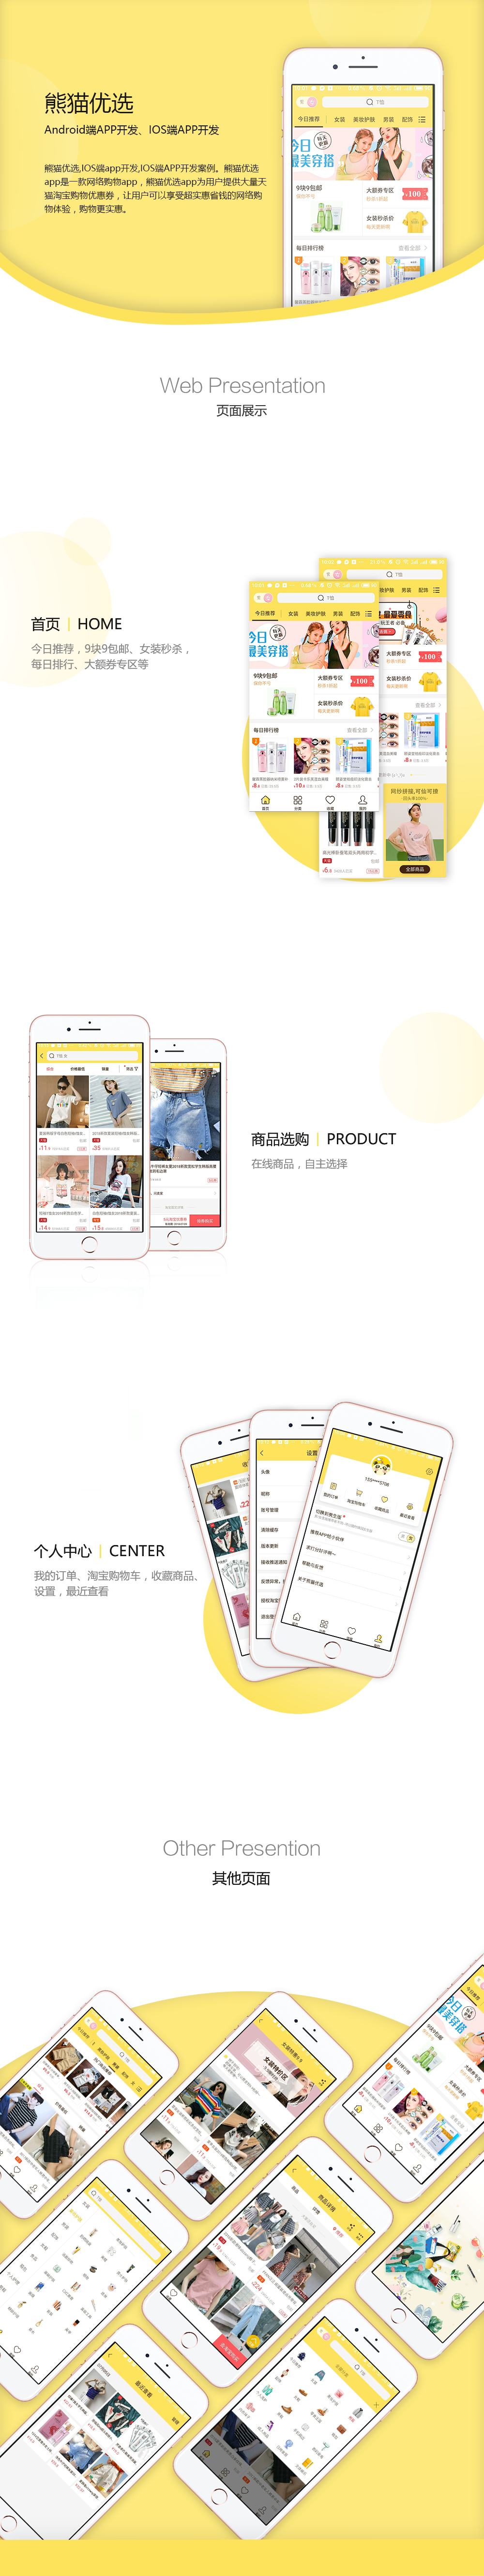 购物商城APP,商城app开发,购物商城APP开发案例,app开发案例